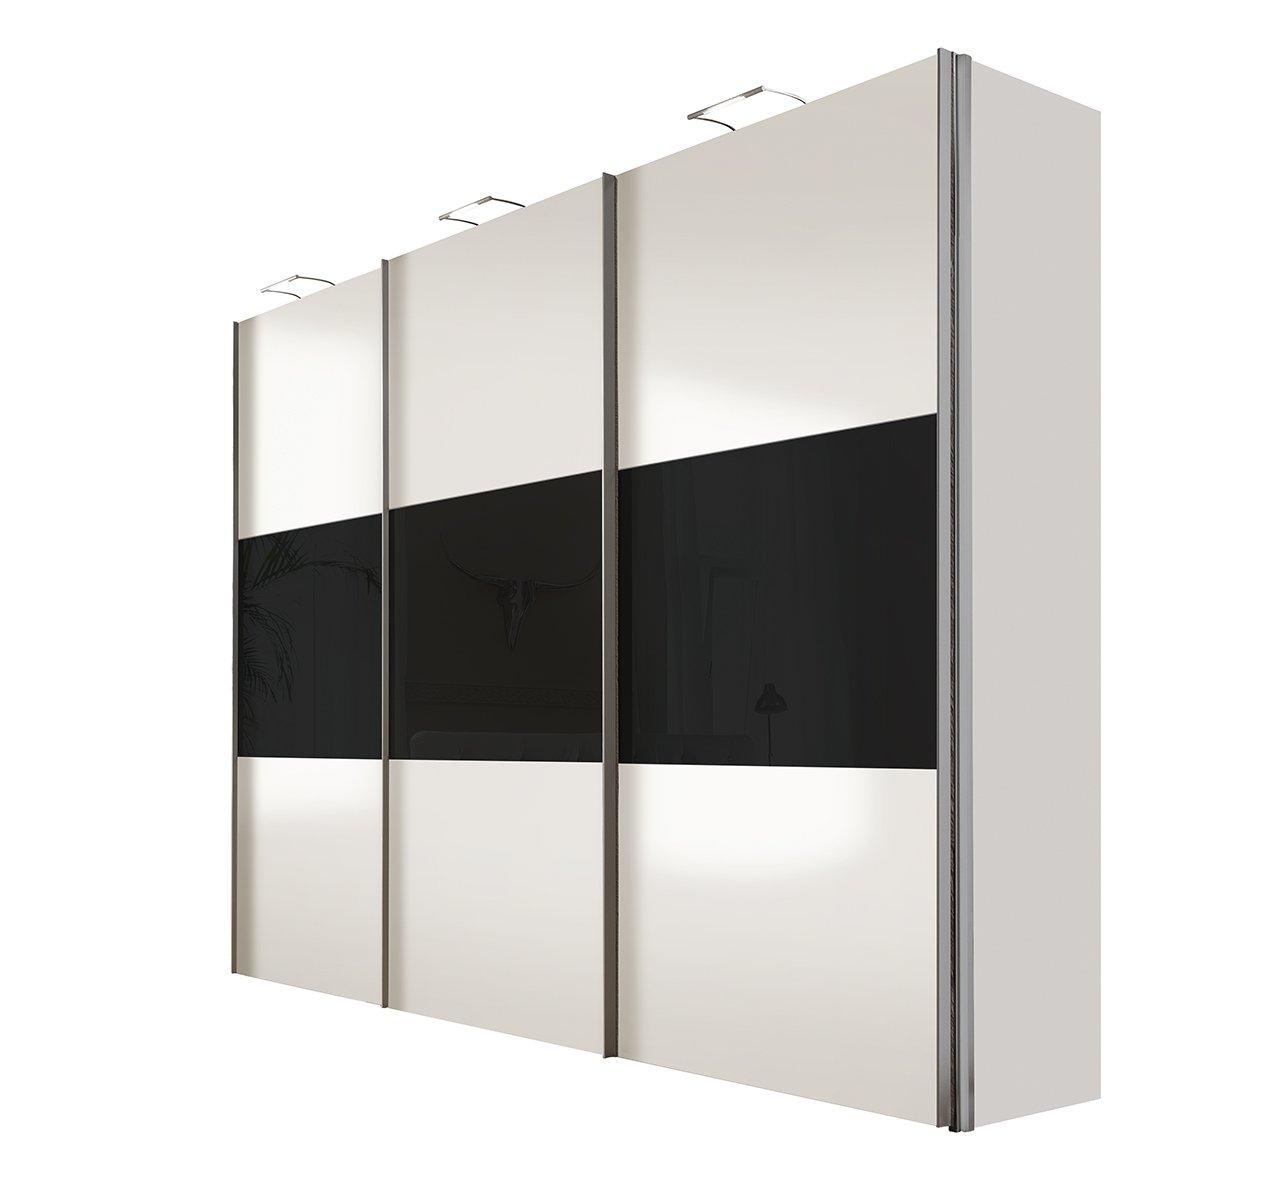 Solutions 46910-321 Schwebetürenschrank 3-türig, Griffleisten Alufarben, Korpus/Front: Polarweiß / Glas-schwarz